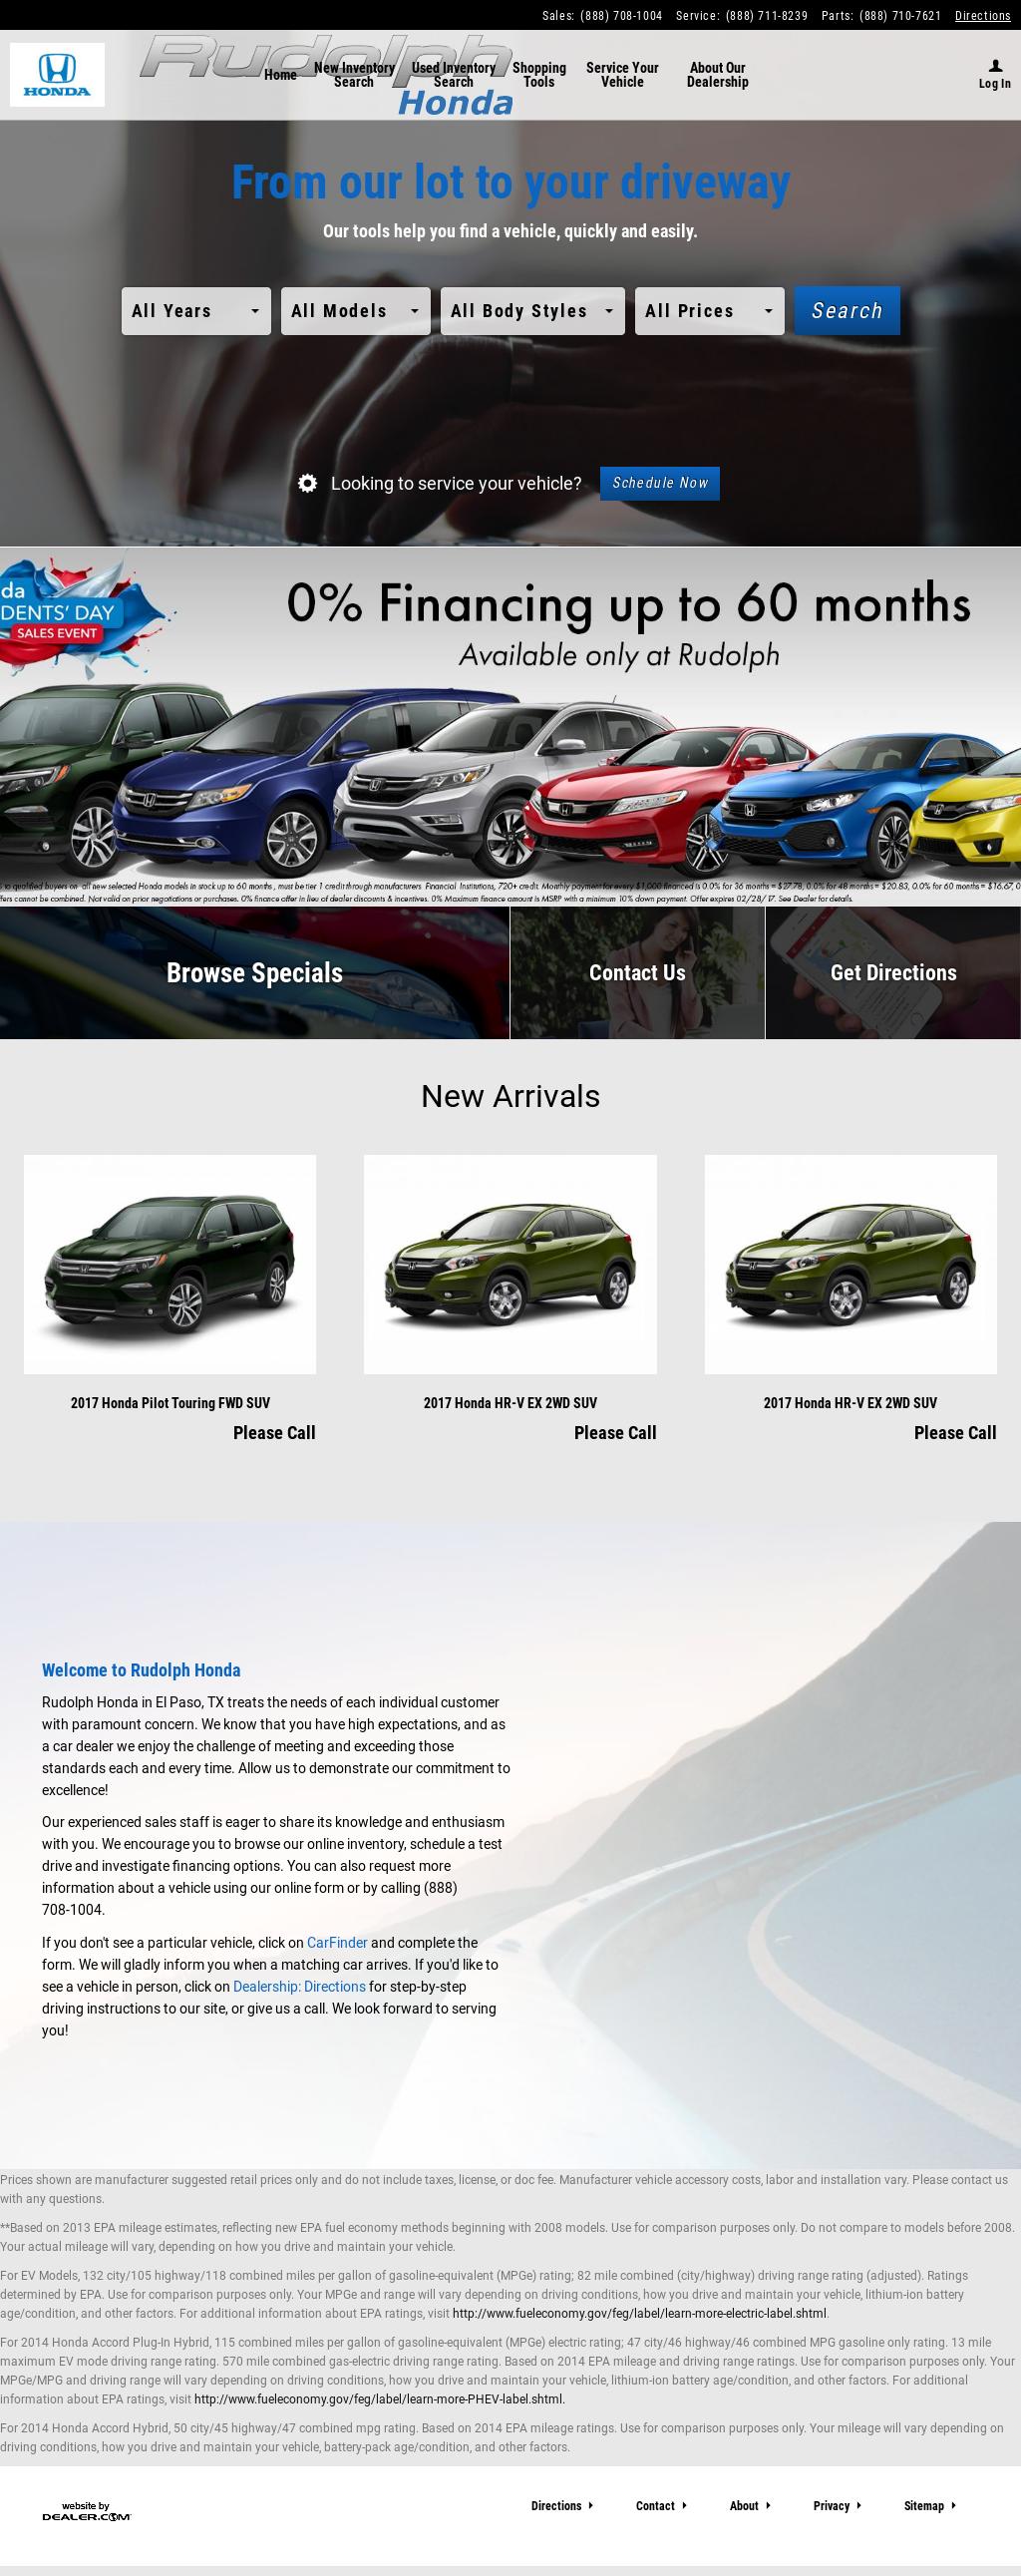 Rudolph Honda Website History